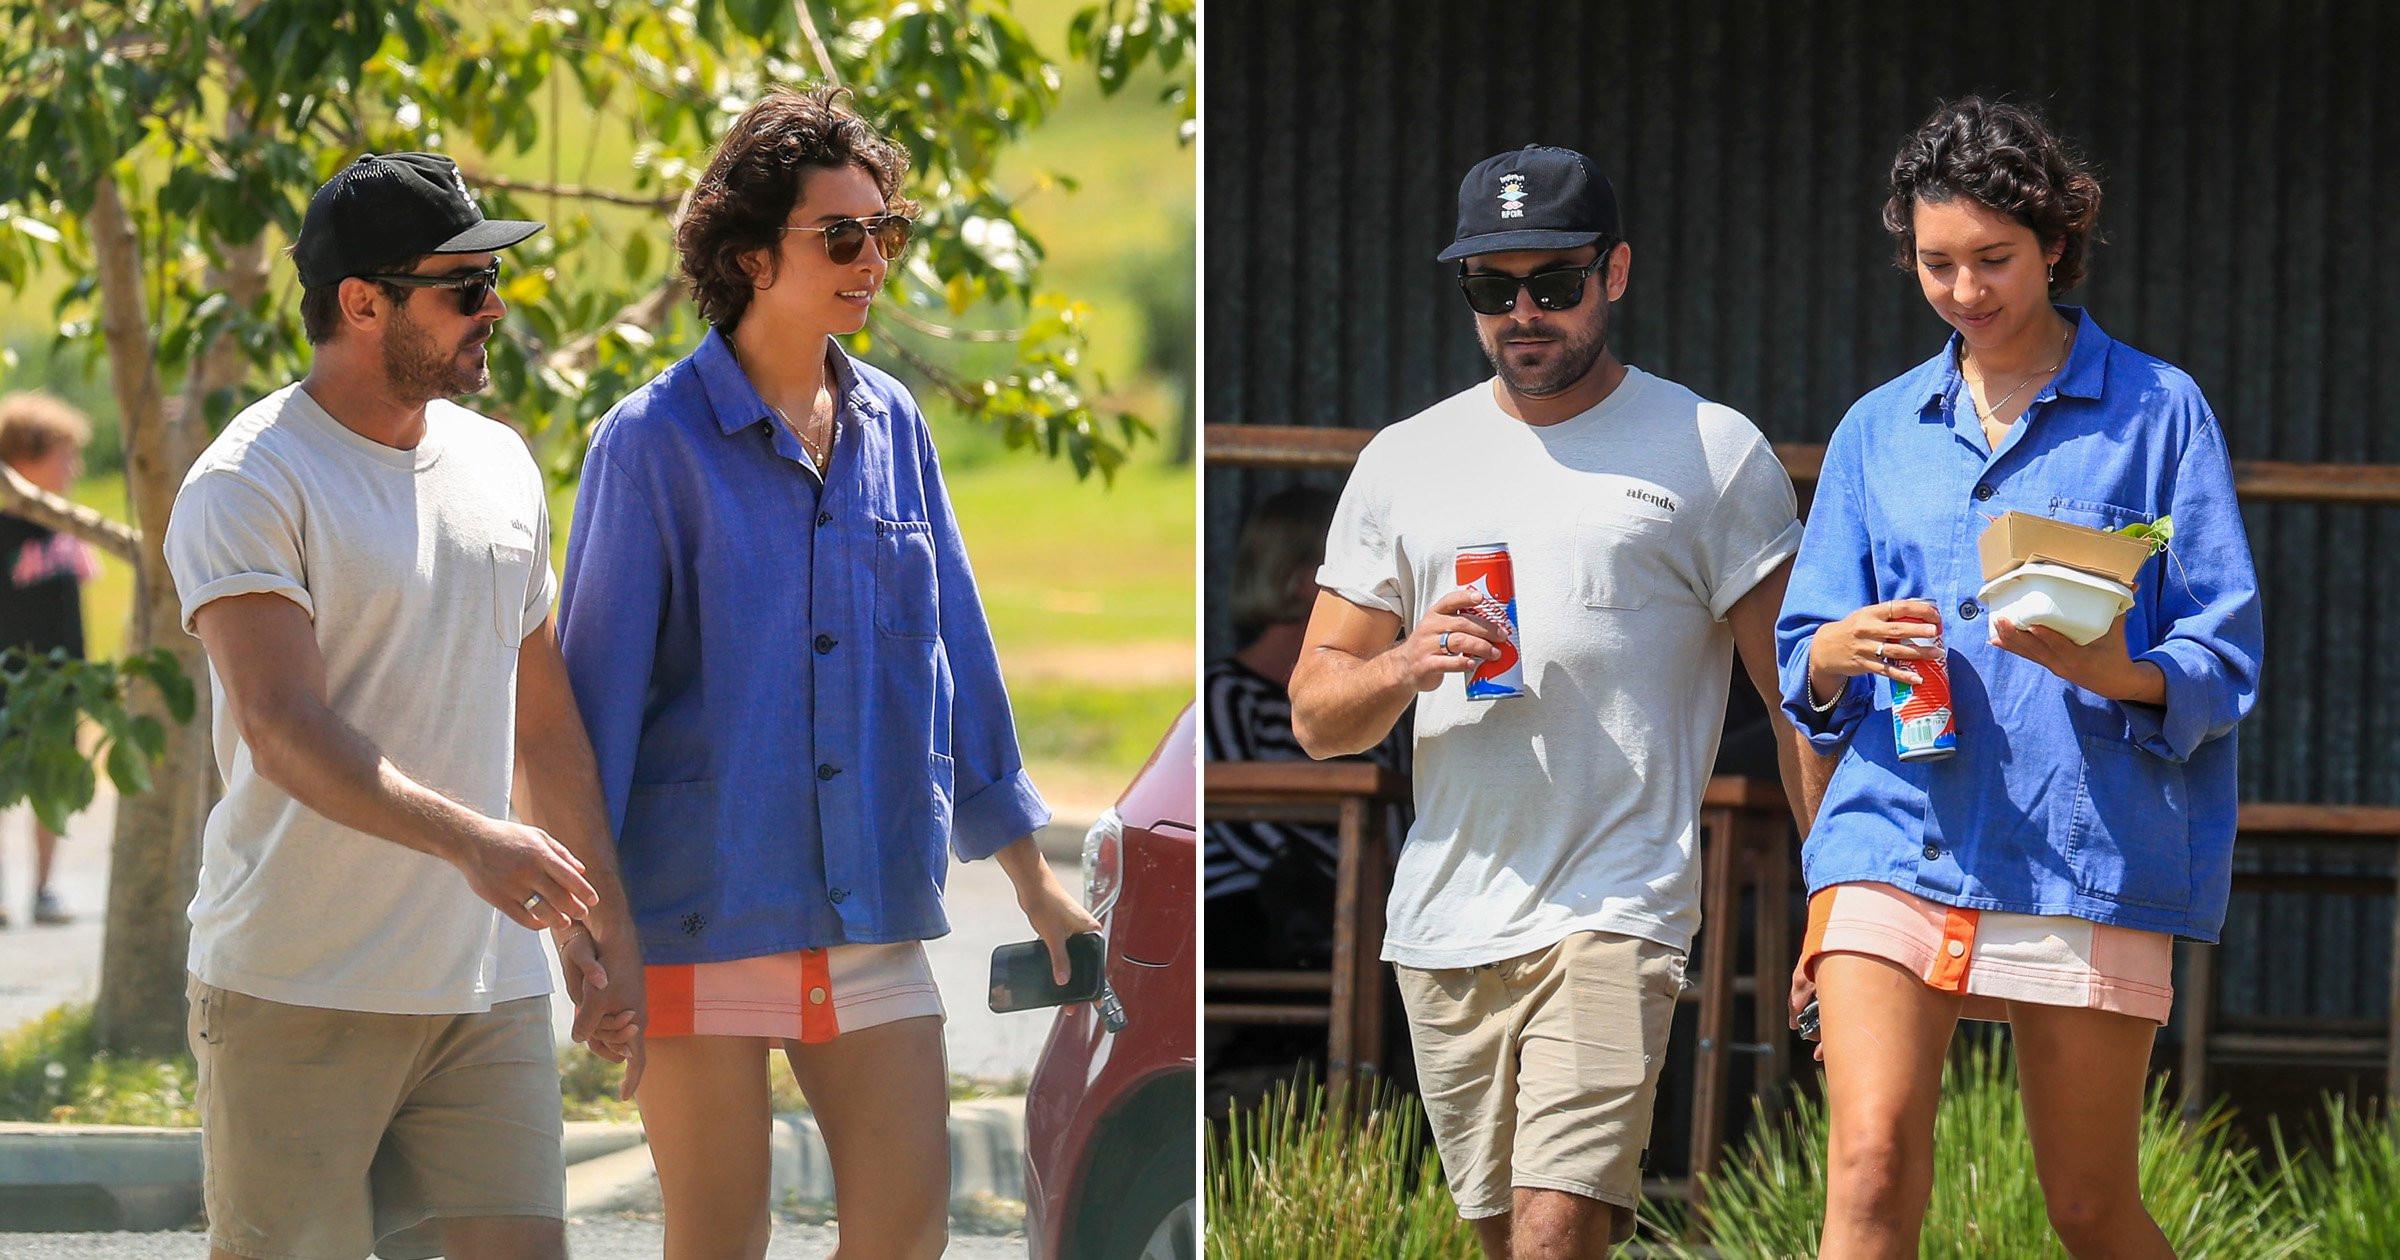 Zac Efron and girlfriend Vanessa Valladares split after 10 months